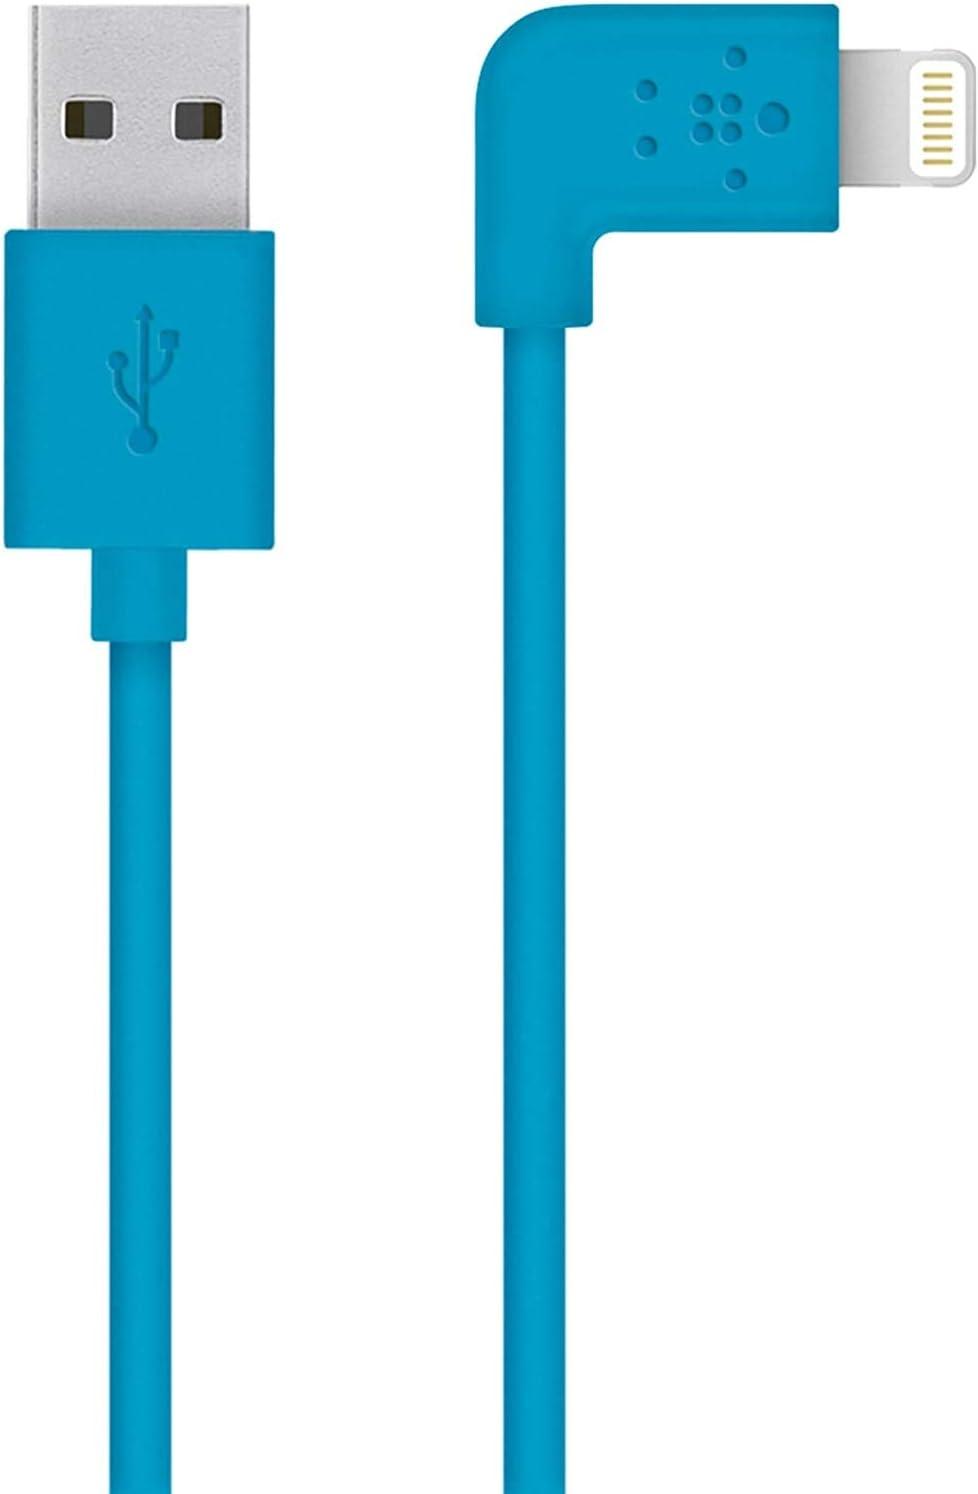 Belkin Mixit 90 Abgewinkeltes Lightning Lade Sync Kabel 1 2 M Geeignet Für Iphone 8 8